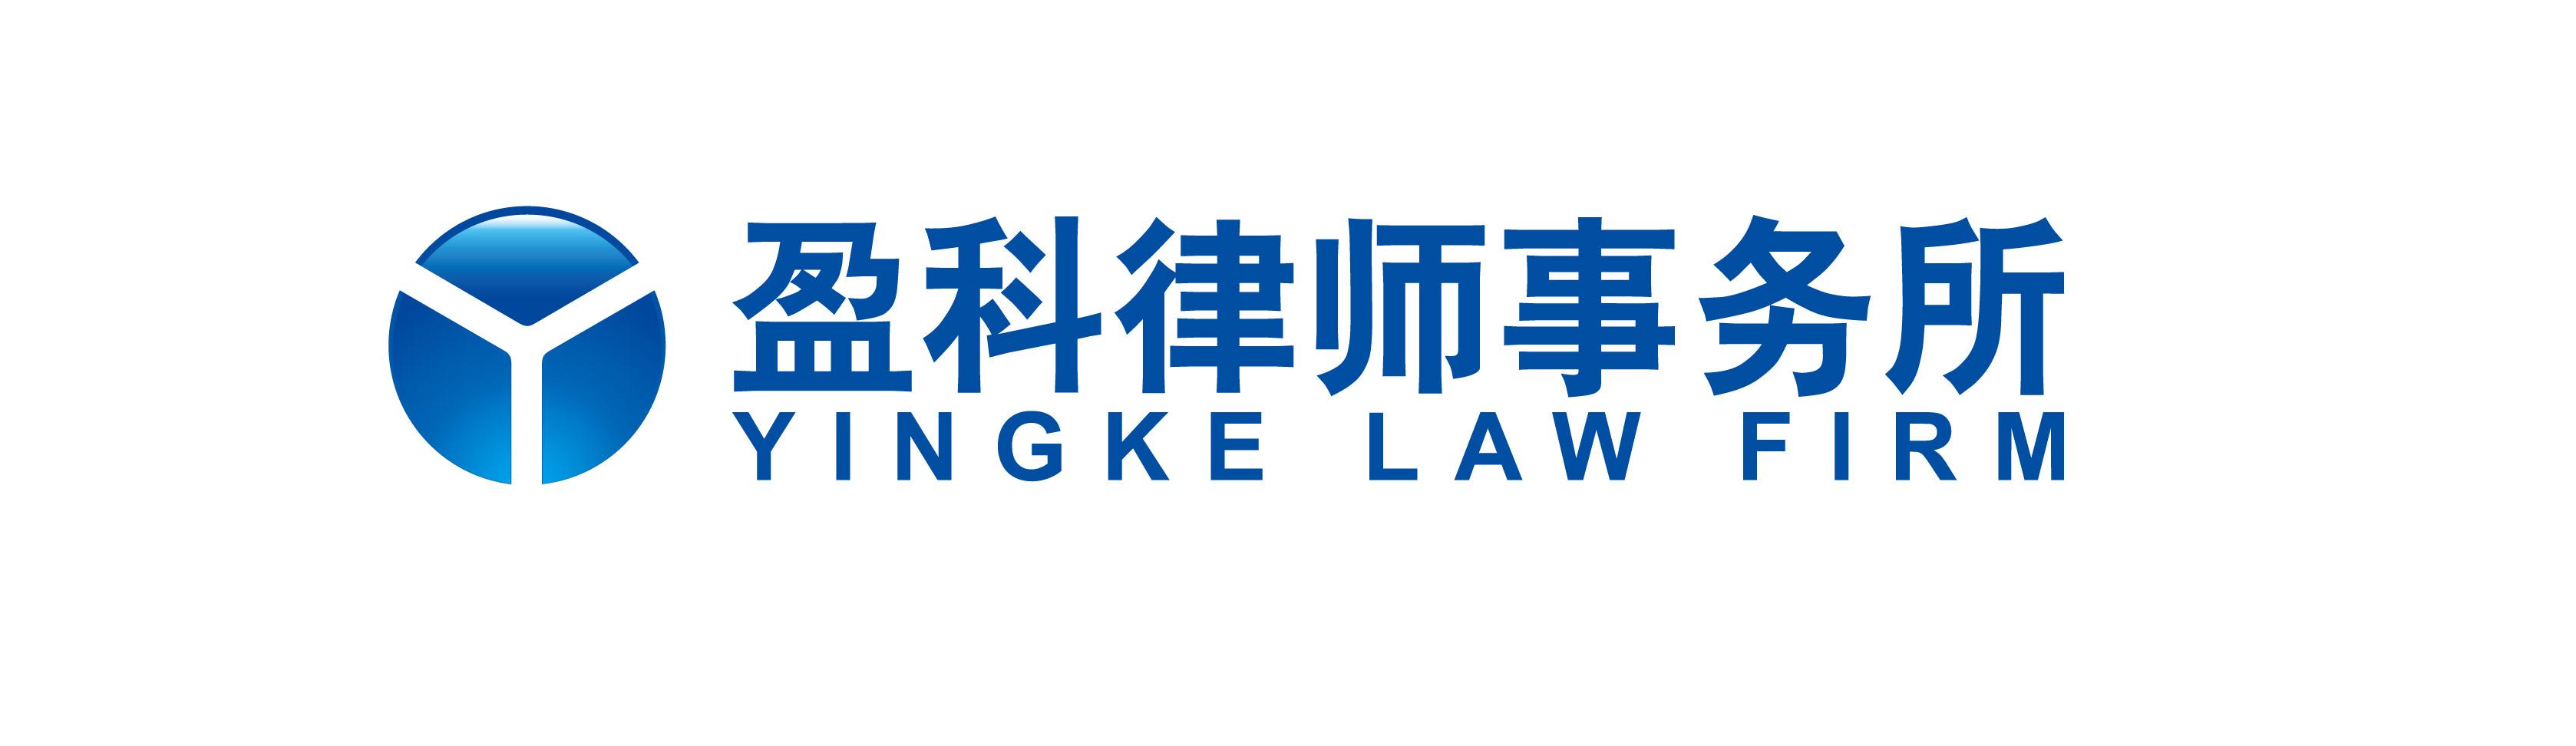 祝贺盈科律师事务所成立15周年系列活动圆满举办